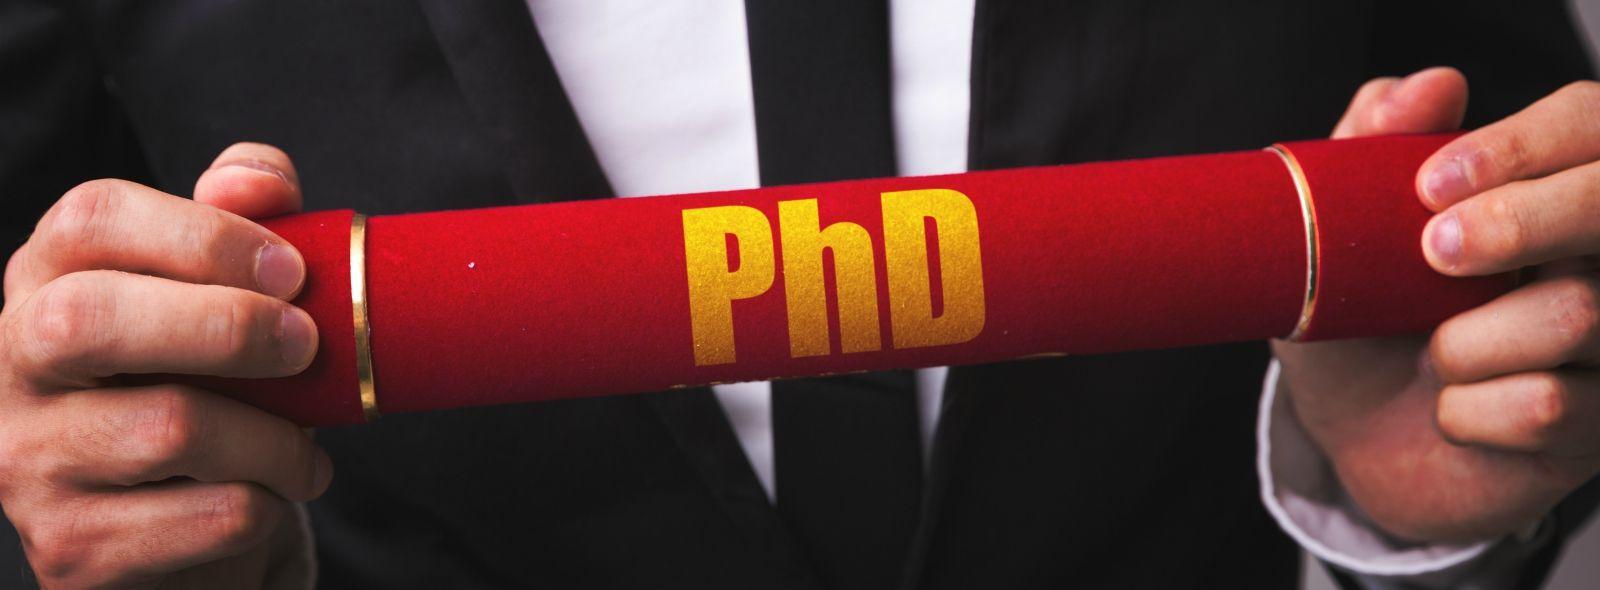 Phd: significato